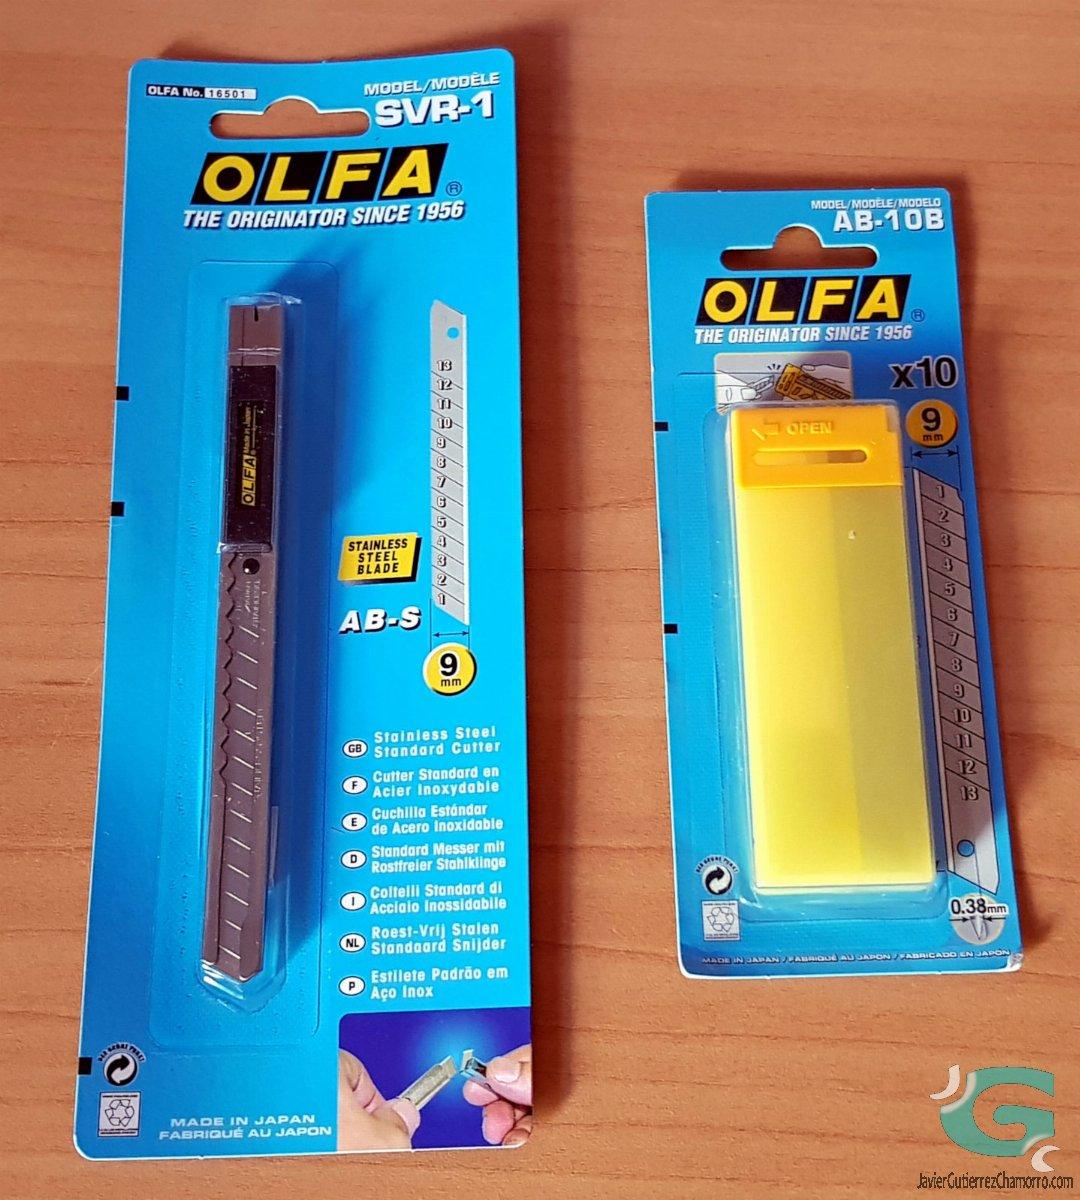 Olfa SVR-1